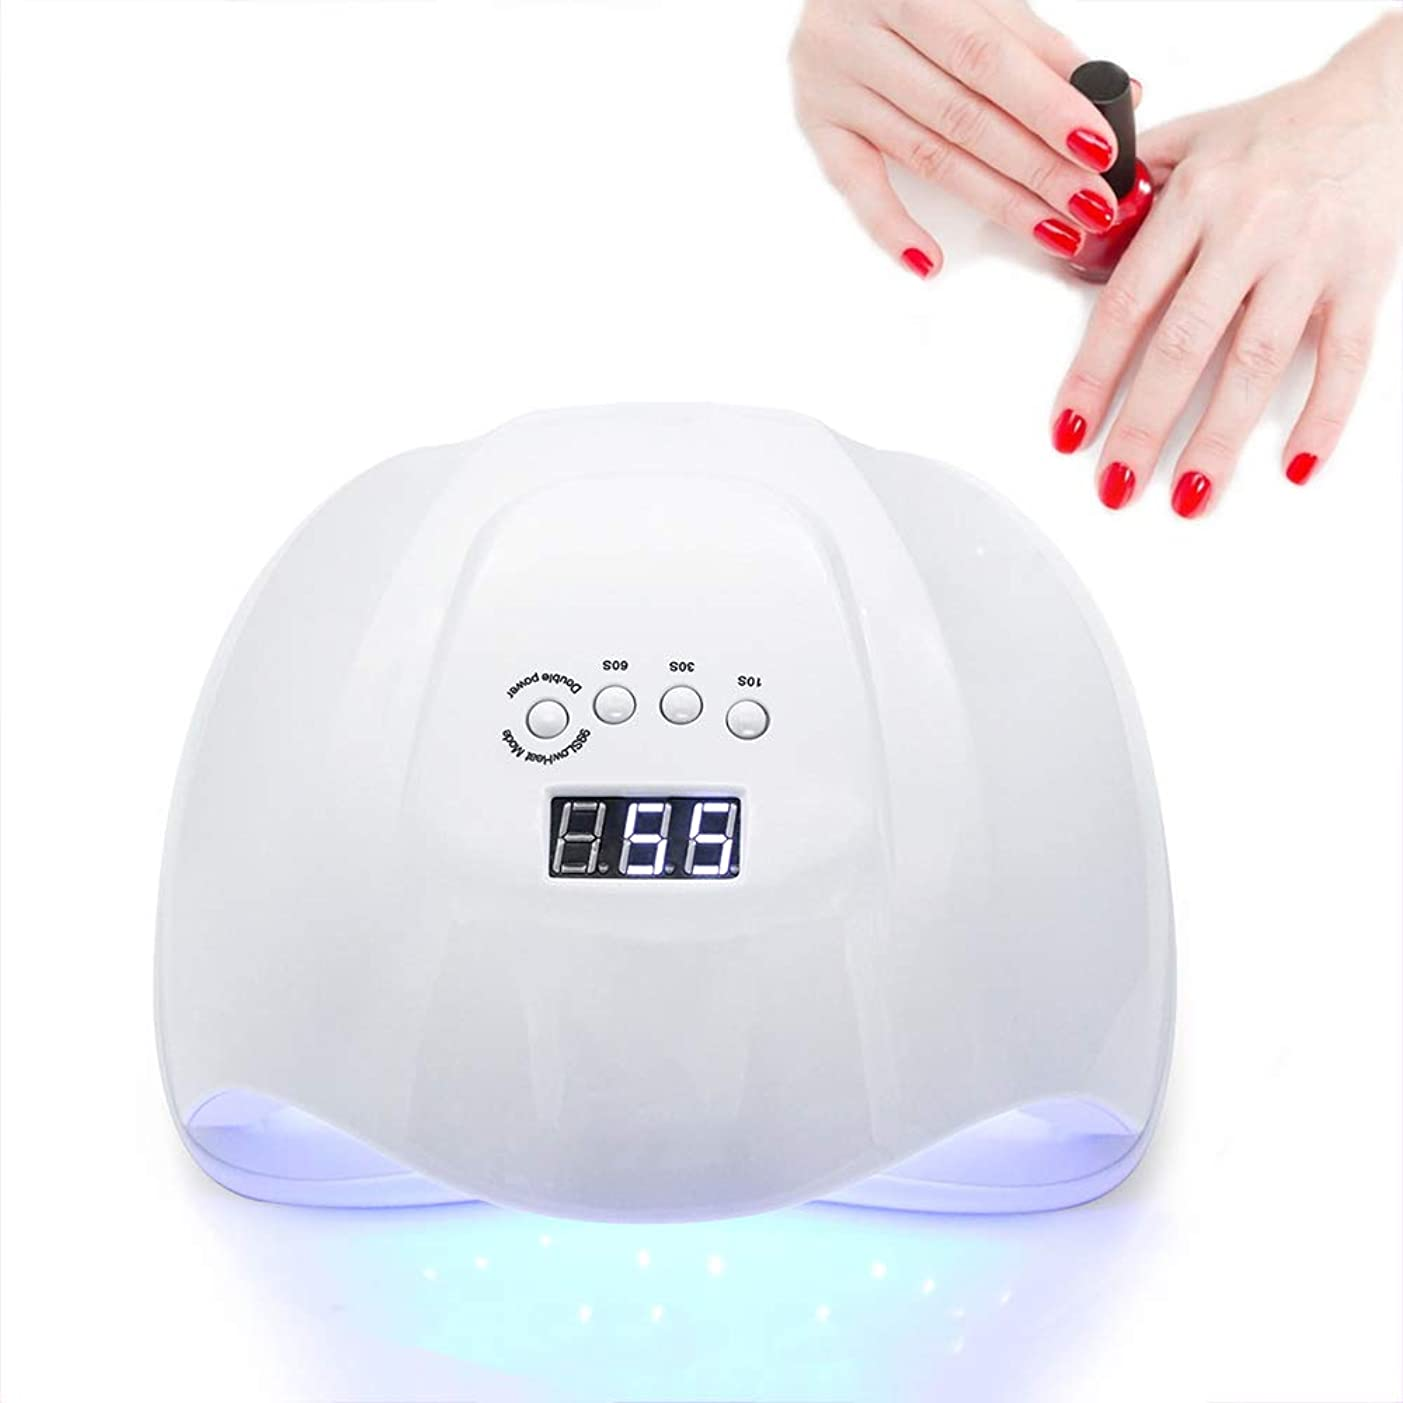 荒らす雲コークスネイルドライヤーネイルライトオールジェルポリッシュ用硬化ランプ36 LEDデュアル光源10秒/ 30秒/ 60秒タイマータッチスマートボタン自動センサー